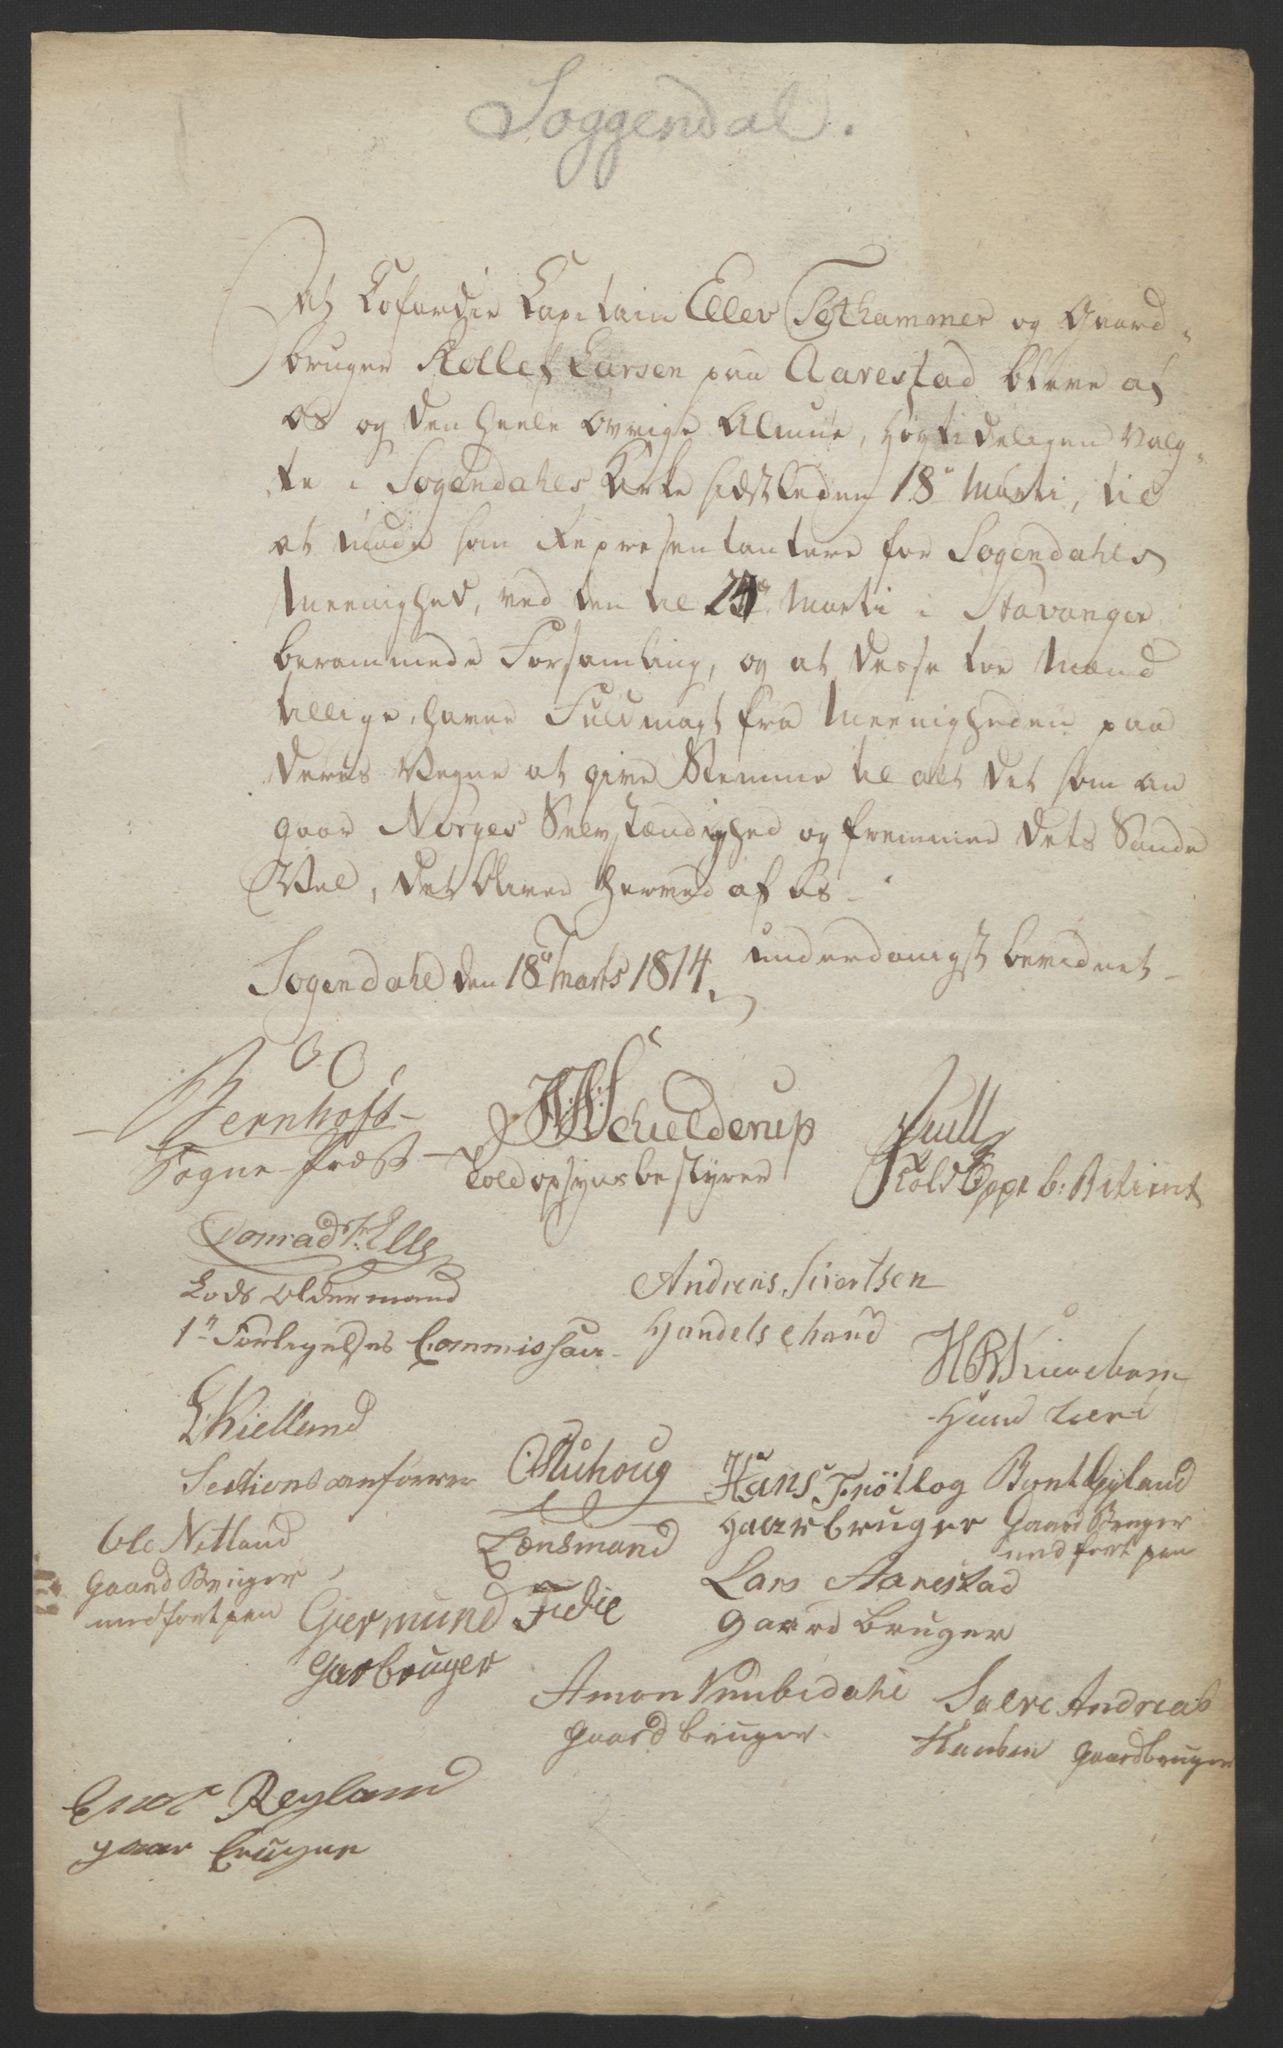 RA, Statsrådssekretariatet, D/Db/L0008: Fullmakter for Eidsvollsrepresentantene i 1814. , 1814, s. 251